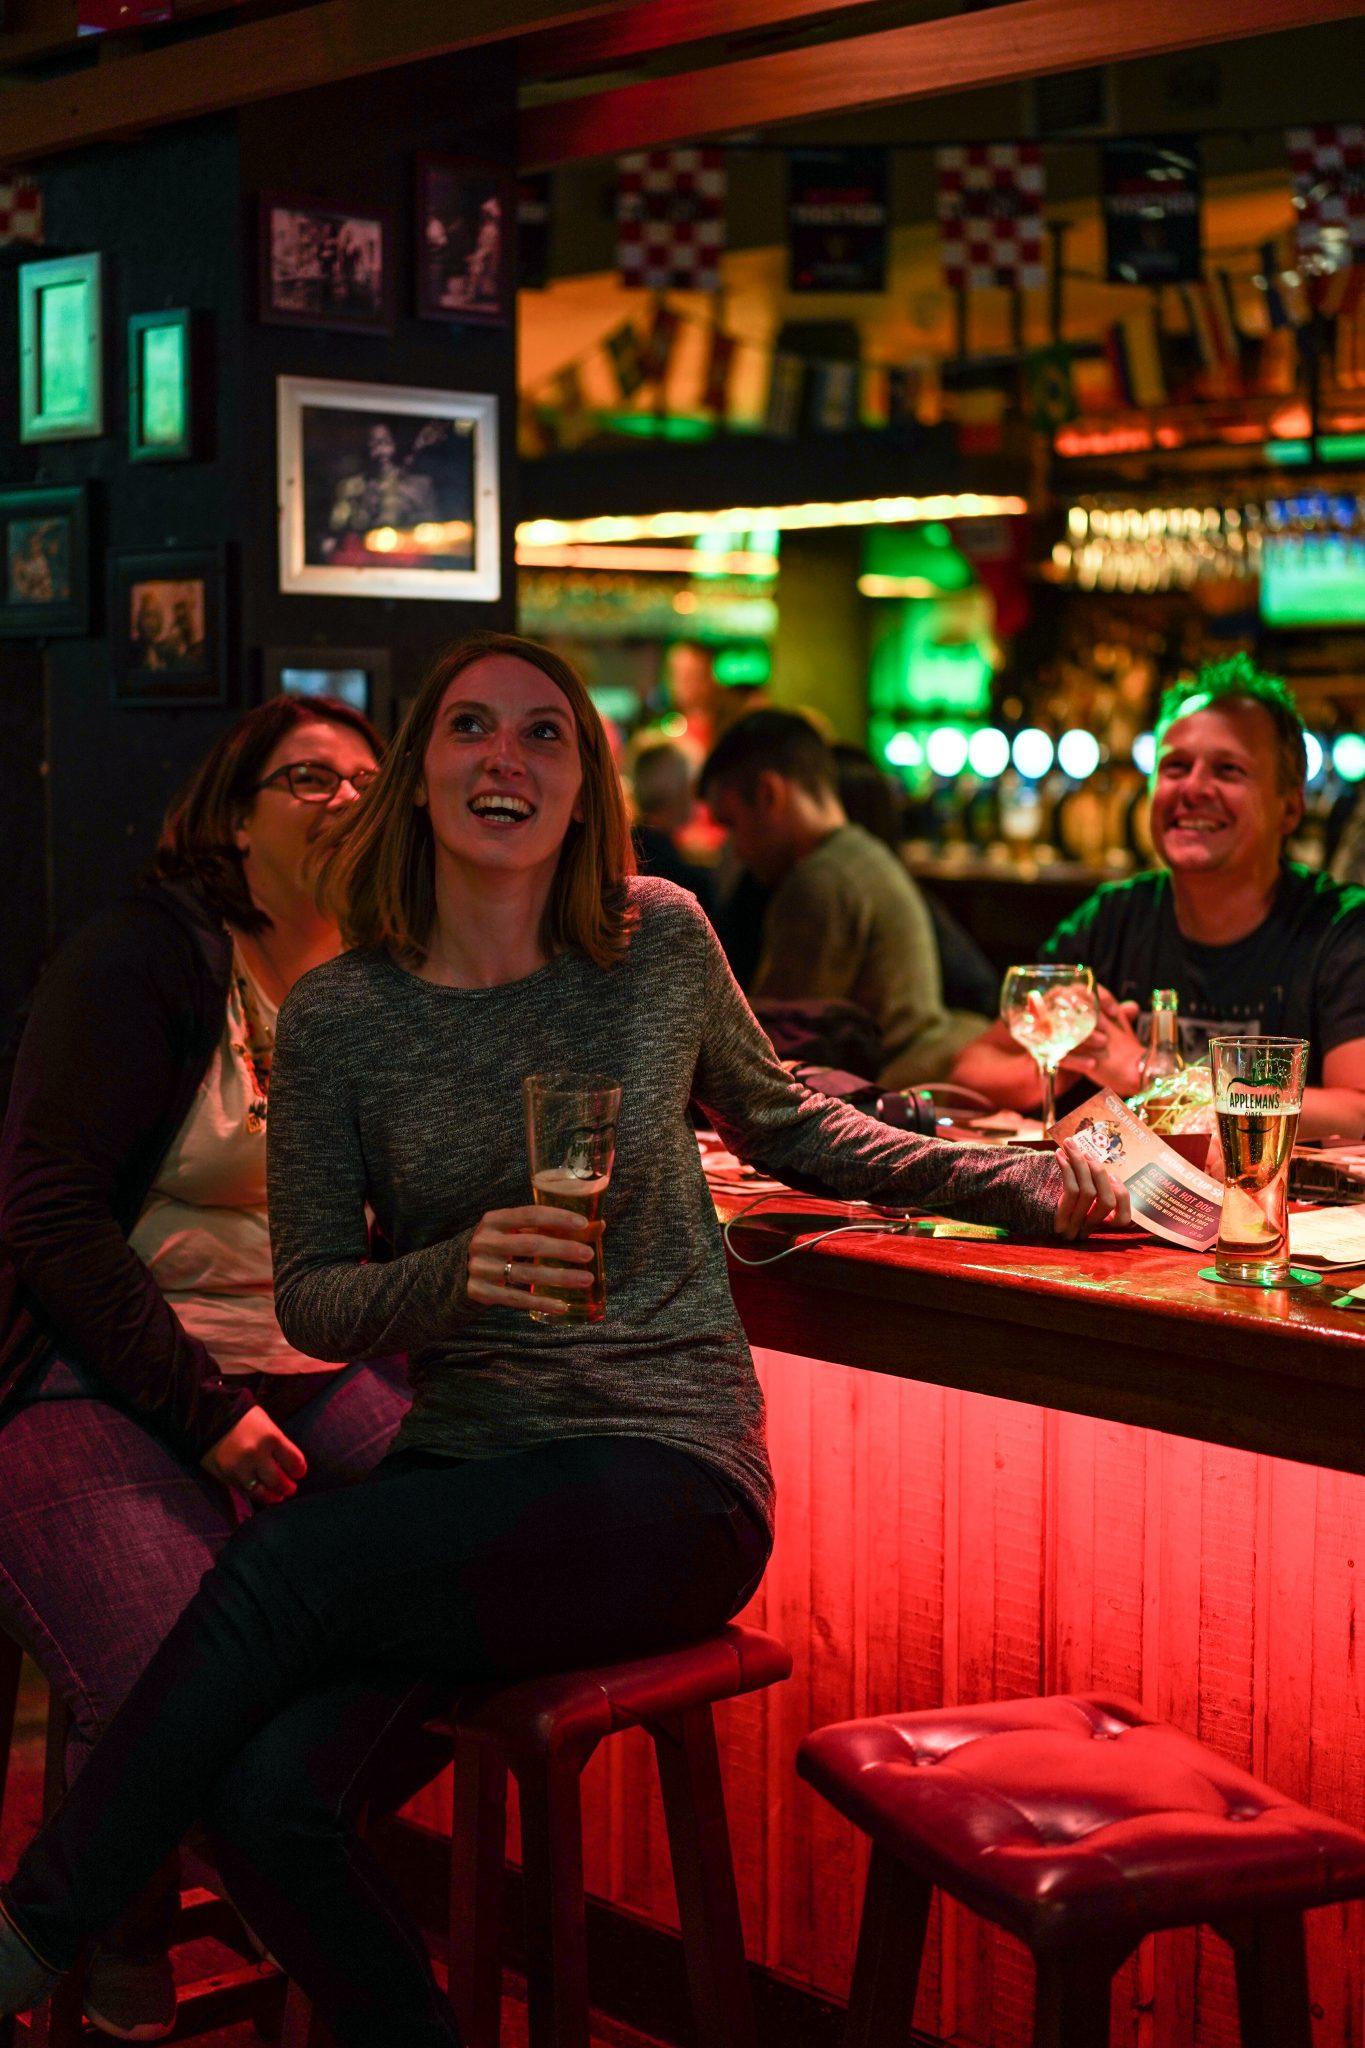 Kerrygold Irland 75 | Vor ein paar Monaten waren wir auf einer wirklich unglaublichen Reise. Daher wird es mehr als Zeit euch von unserem Wochenende in Irland zu berichten! Gemeinsam mit Kerrygold ging es für uns nach Cork ... unser Ziel? Das Weidemilch-Prinzip kennenzulernen und das eben nicht auf dem Papier sondern vor Ort.